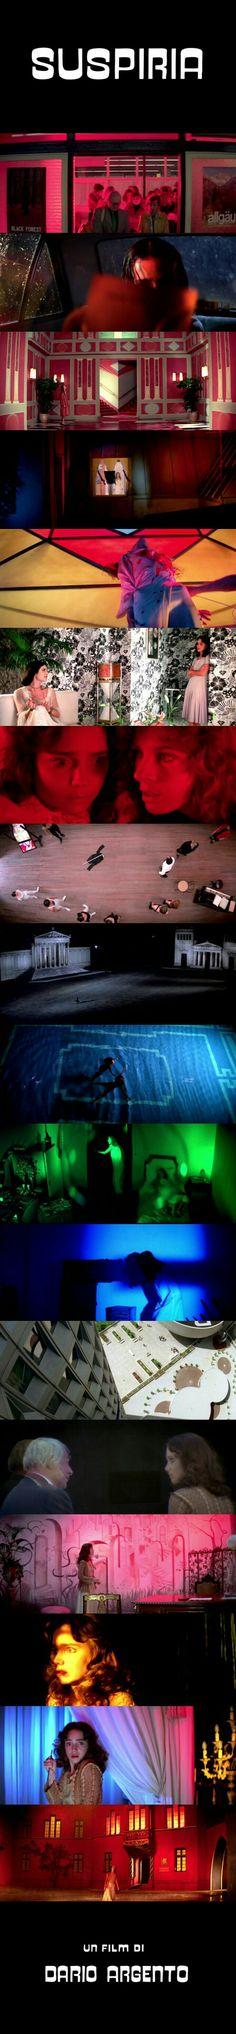 Suspiria Director: Dario Argento